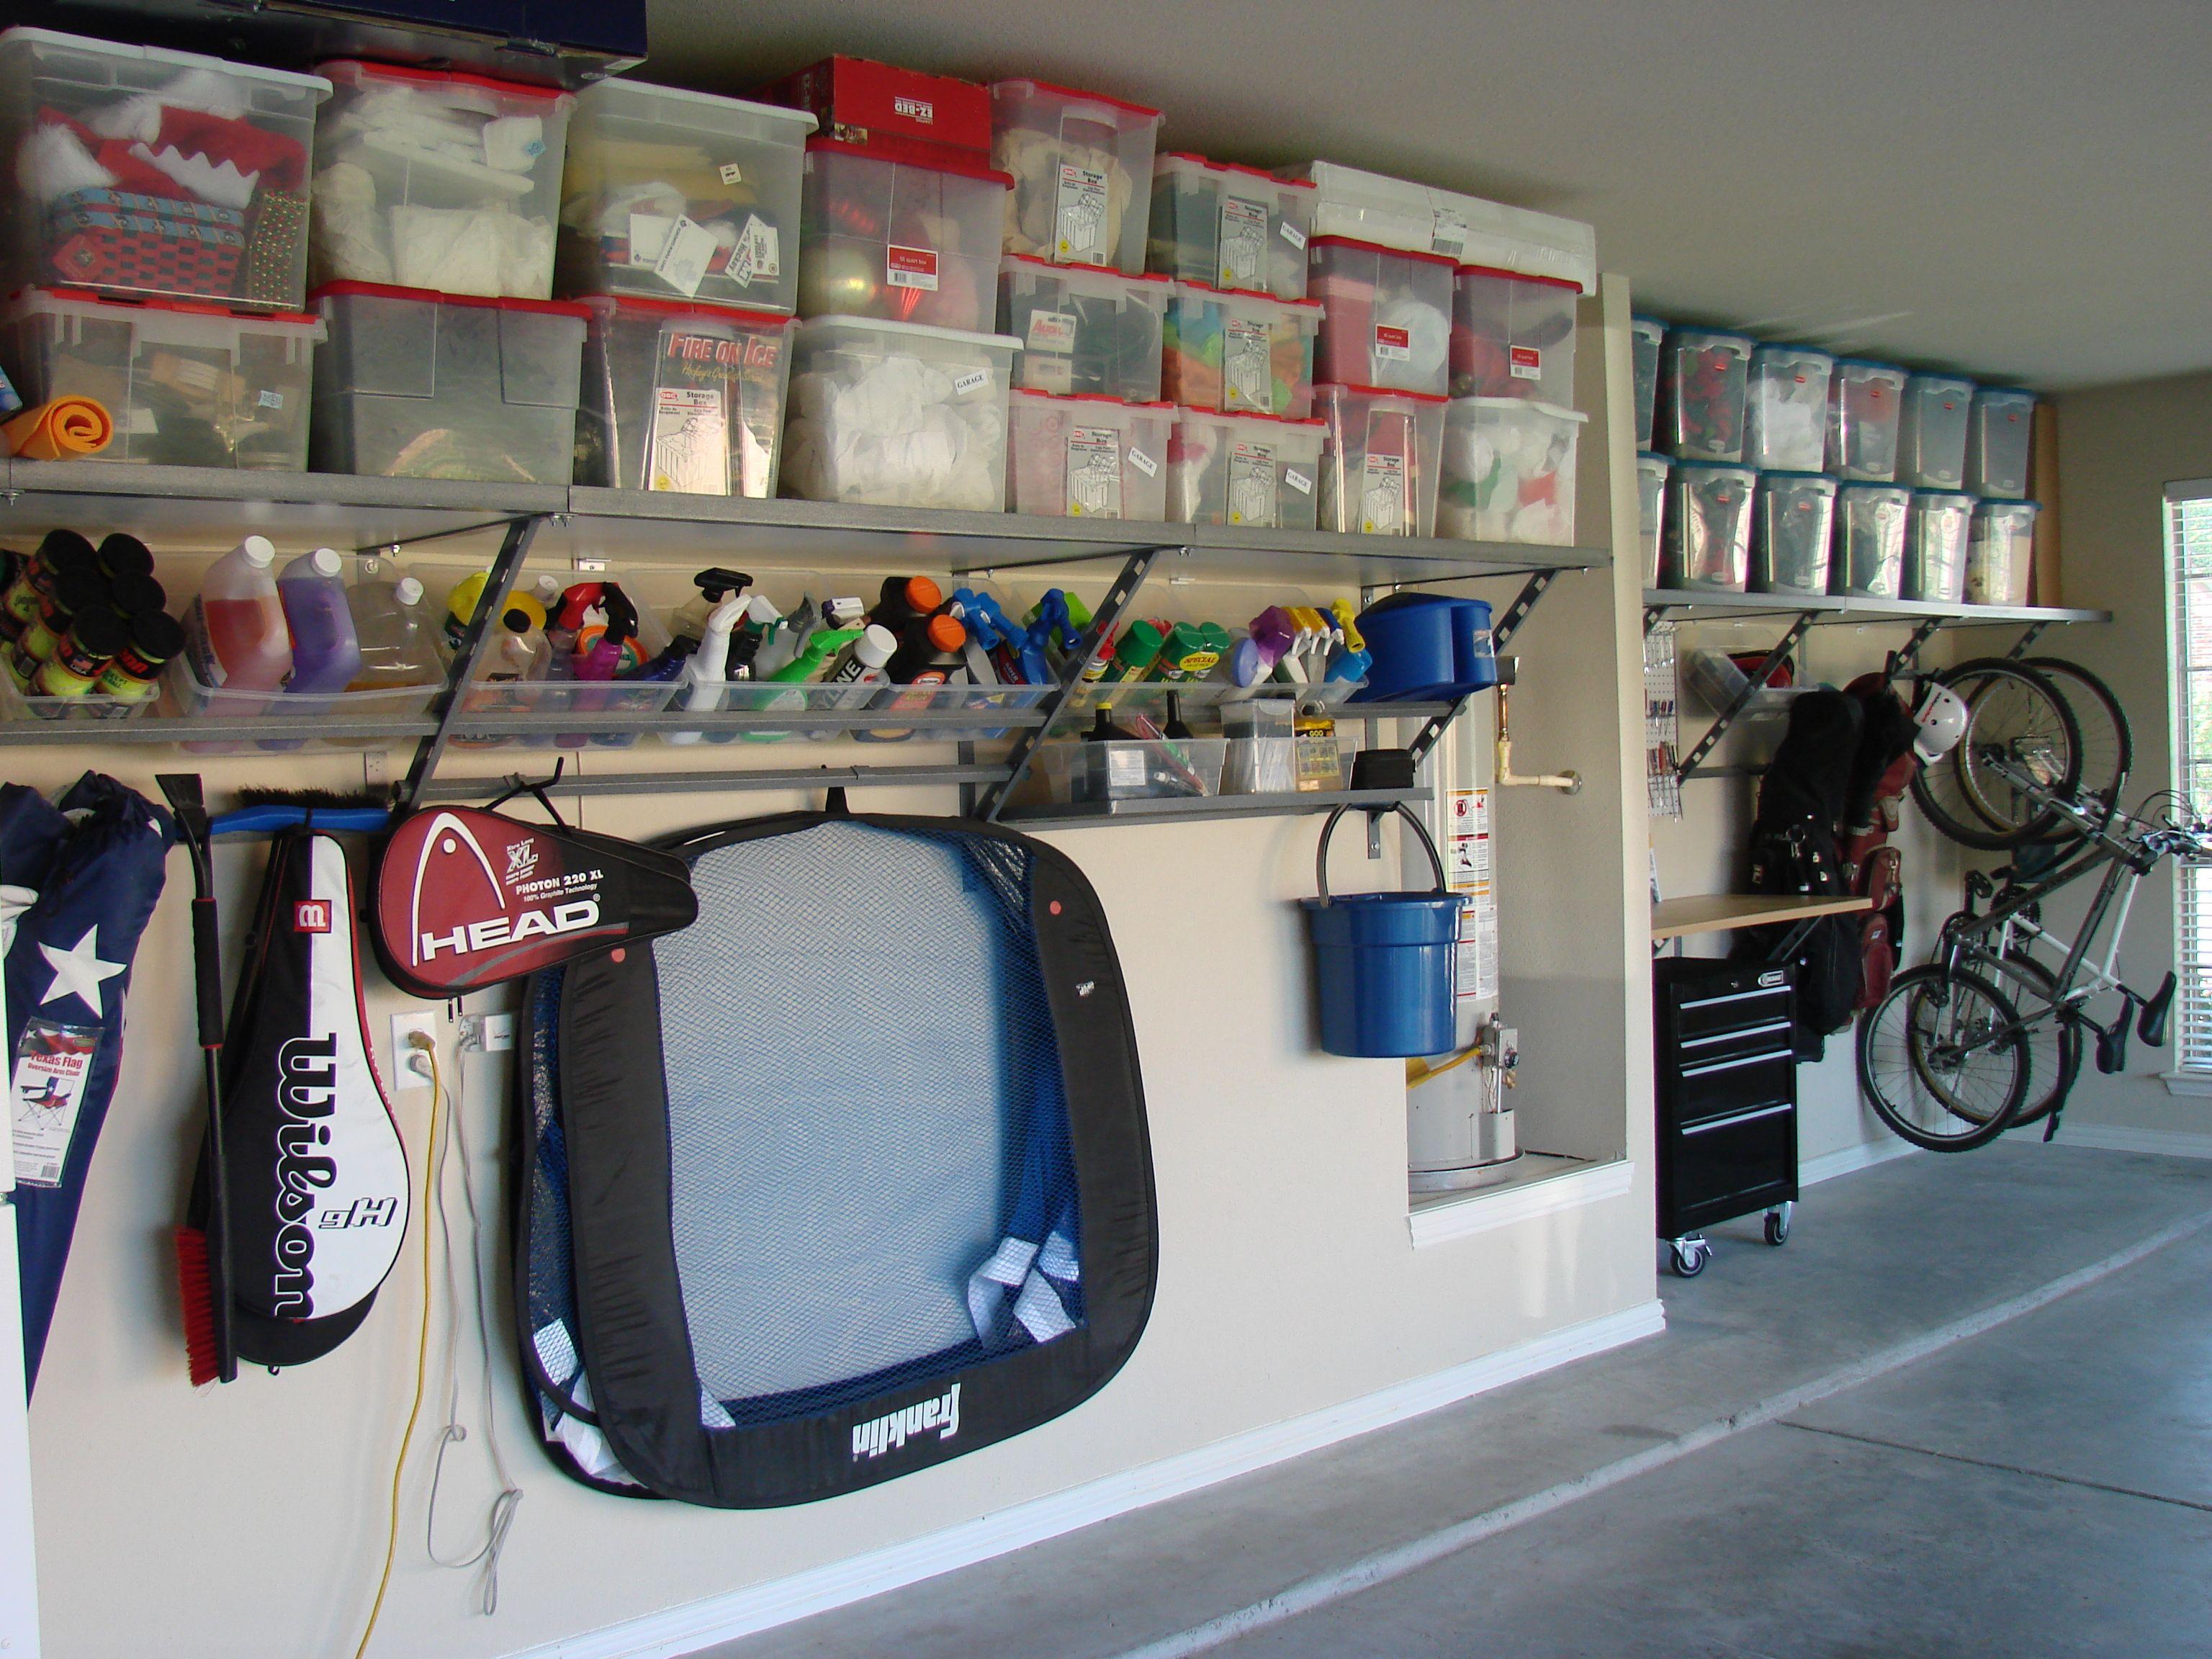 Küchenschränke in der garage chaos to organized chaostoorganize on pinterest